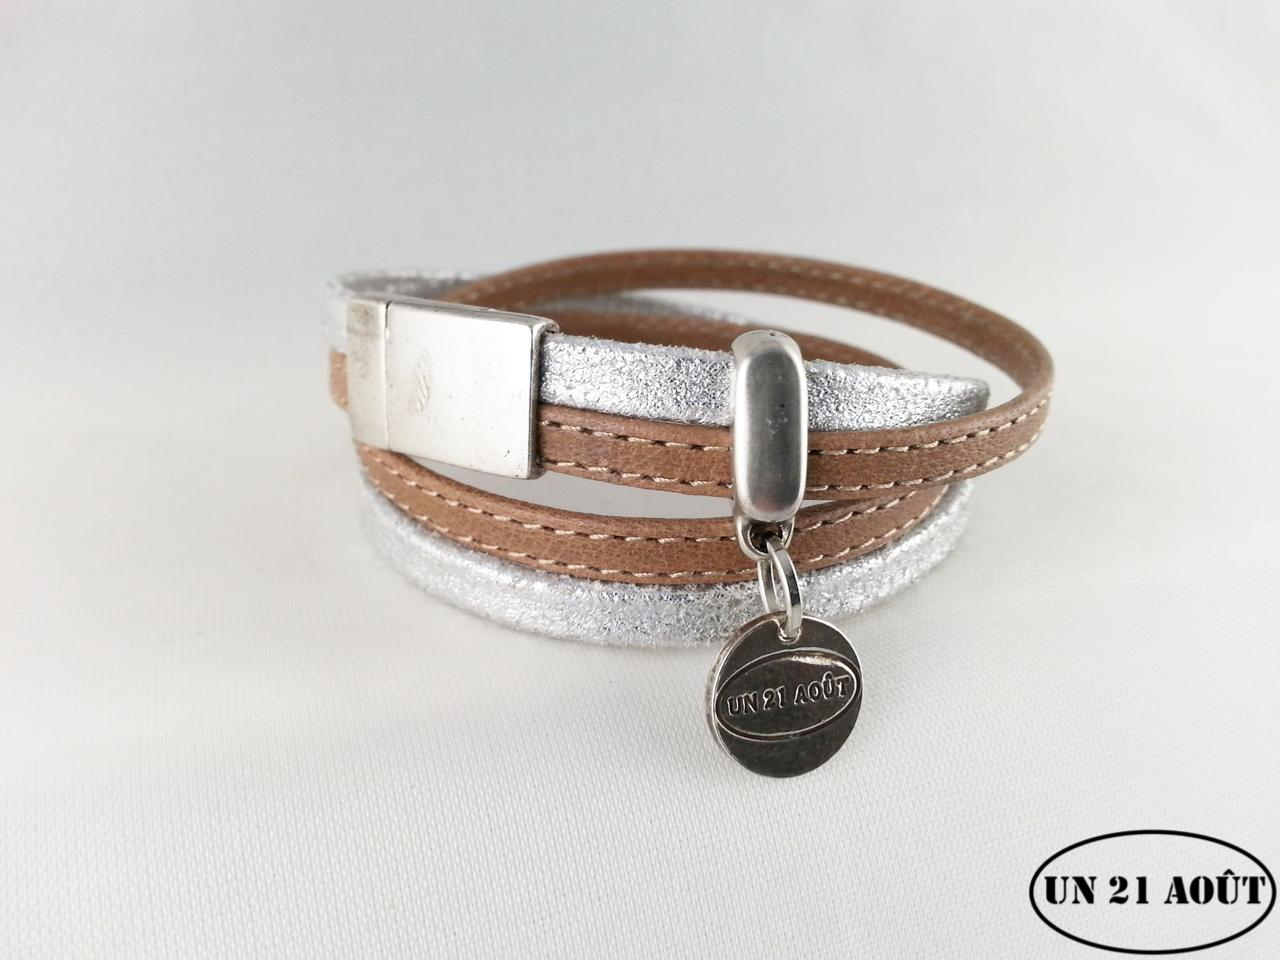 prix attractif marque célèbre rechercher l'original Bracelet femme cuir surpiqué marron et argent